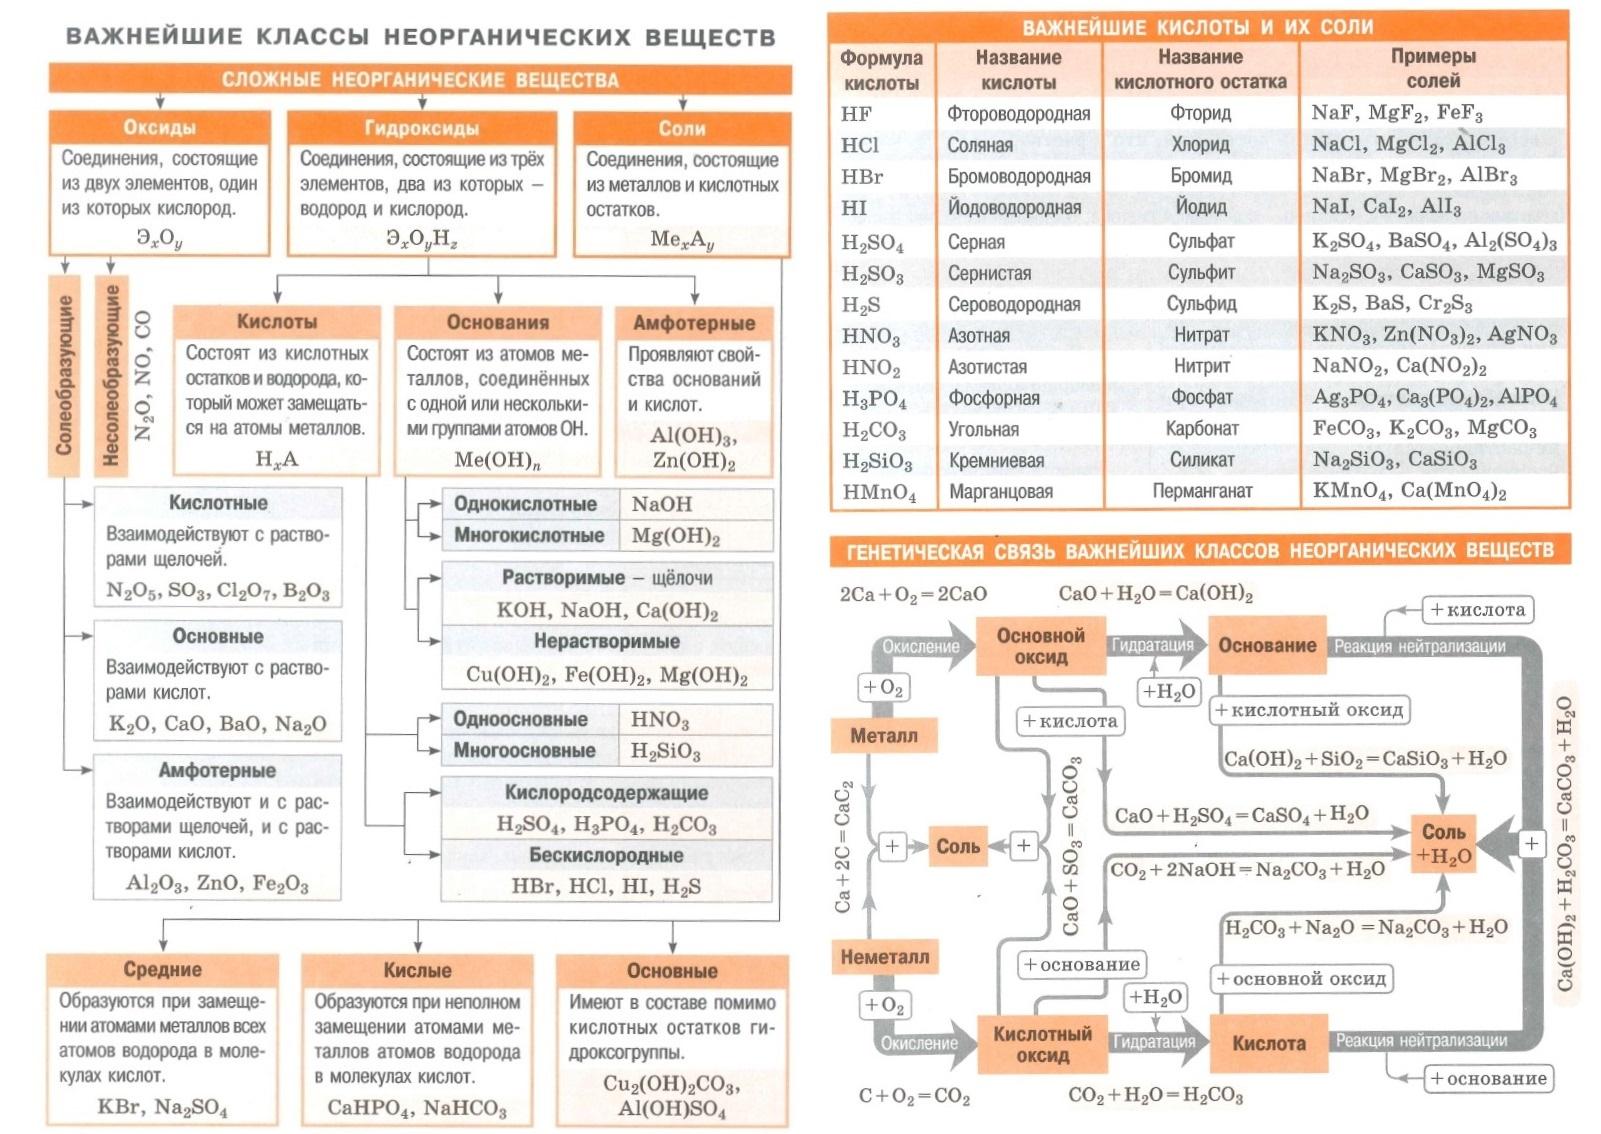 Важнейшие классы неорганических веществ. Оксиды. Гидроксиды. Соли. Кислоты, основания, амфотерные вещества. Важнейшие кислоты и их соли. Генетическая связь важнейших классов неорганических веществ.